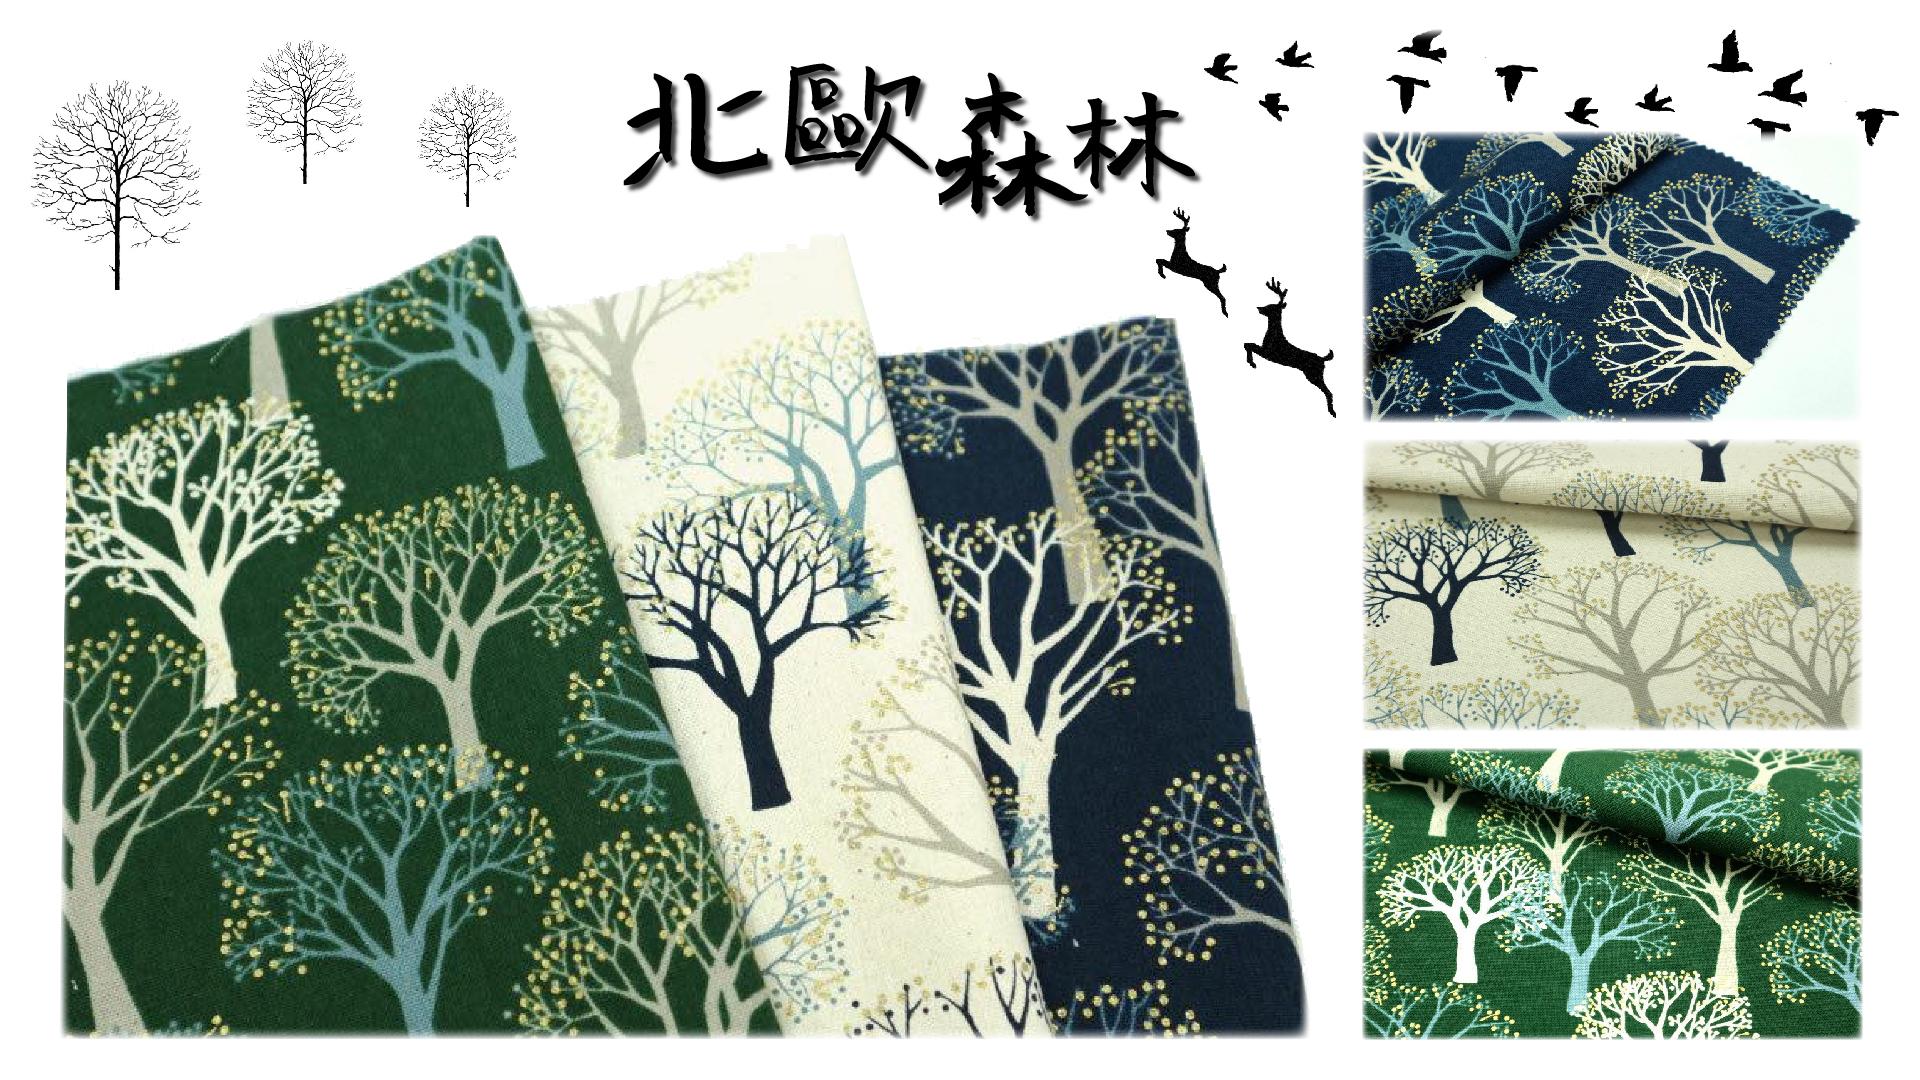 厚棉布 北歐風 樹木 環保風 手作 拼布